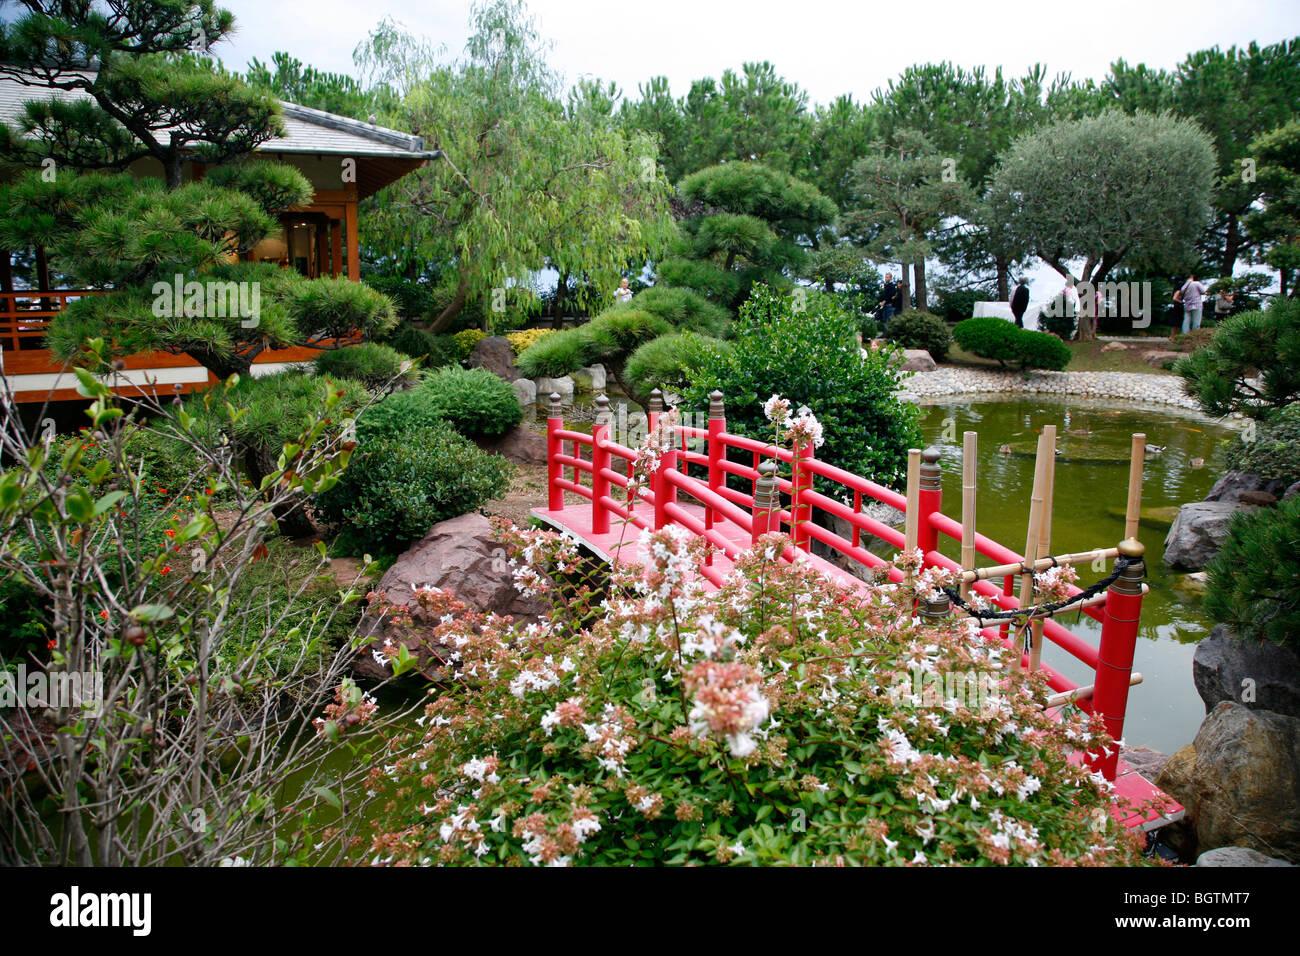 Jardin japonais the japanese gardens in monte carlo for Le jardin japonais monaco